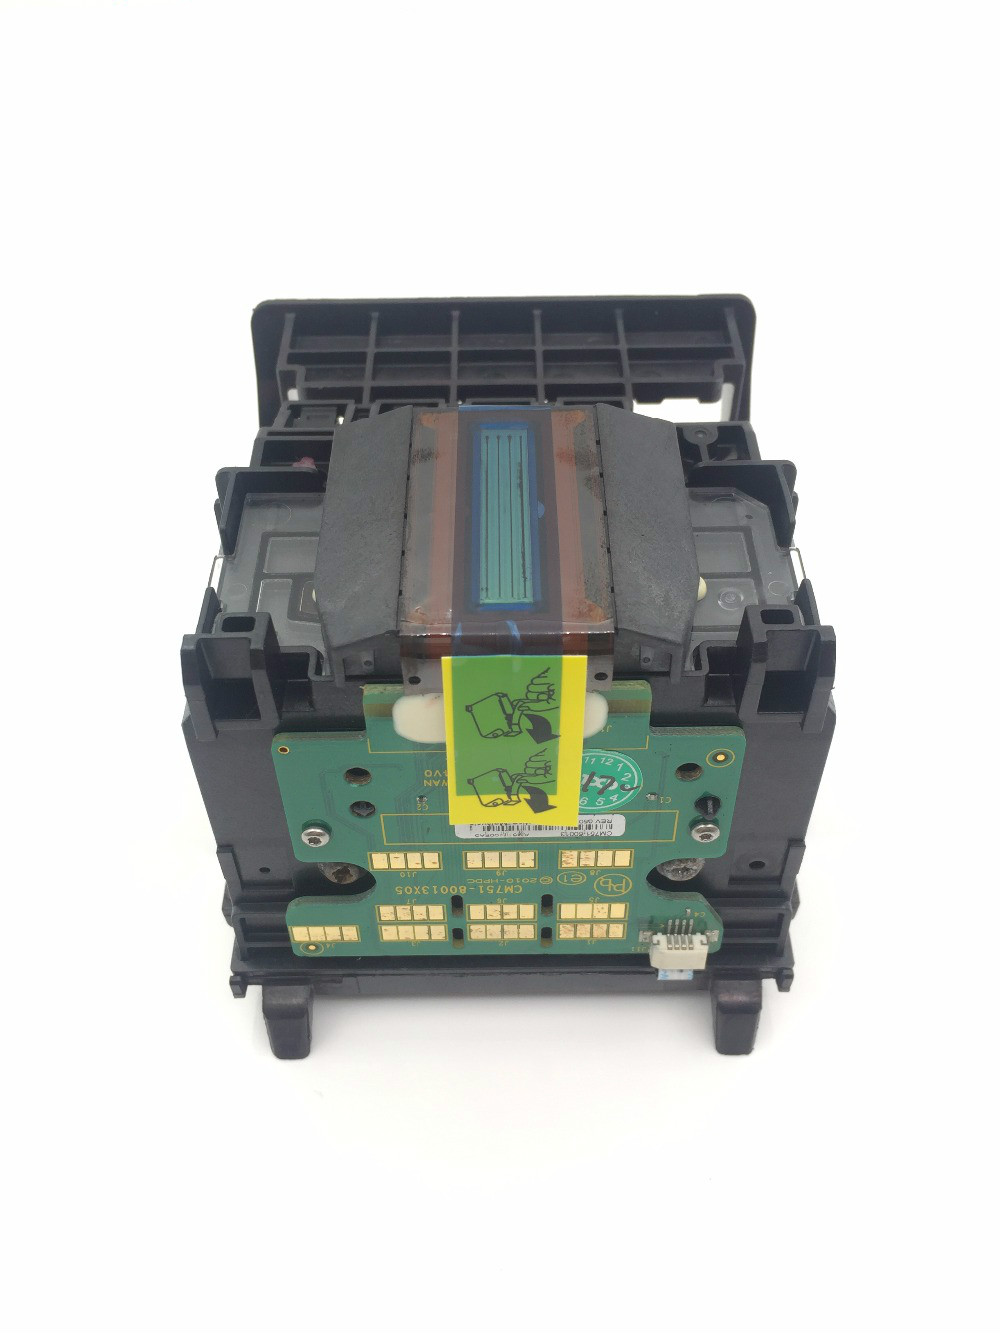 Tête d'impression Tête D'impression pour HP Pro 8100 8600 Plus 8610 8620 8625 8630 8700 Pro 251DW 251 276 276DW Imprimante